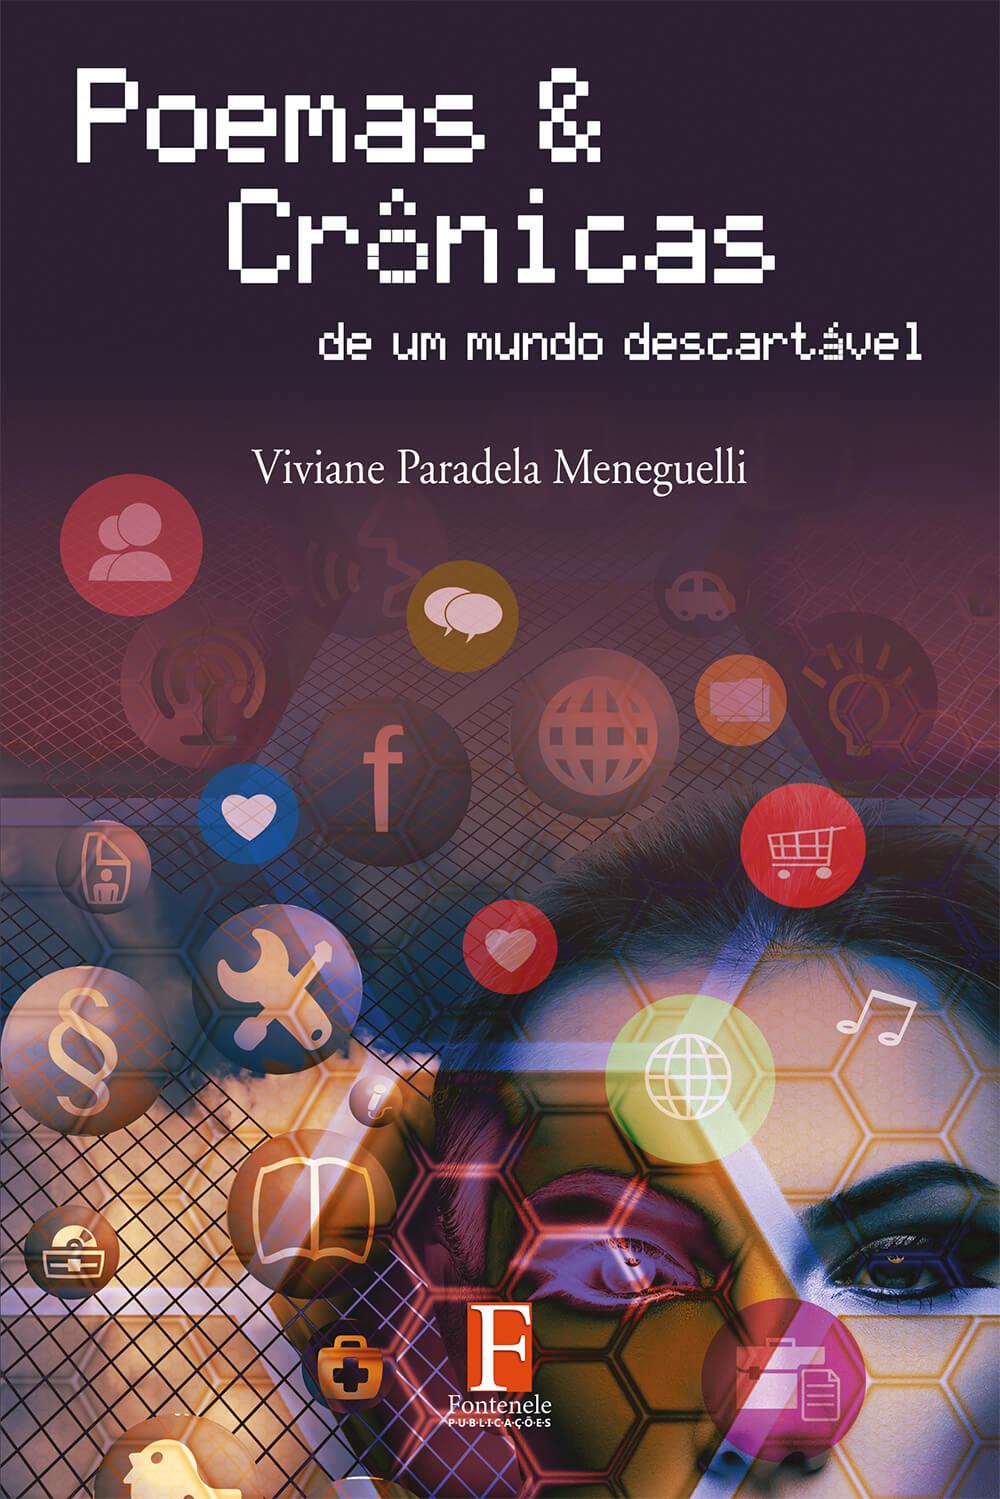 Fontenele Publicações / 11 95150-3481 / 11  95150-4383 Poemas & Crônicas de um mundo descartável